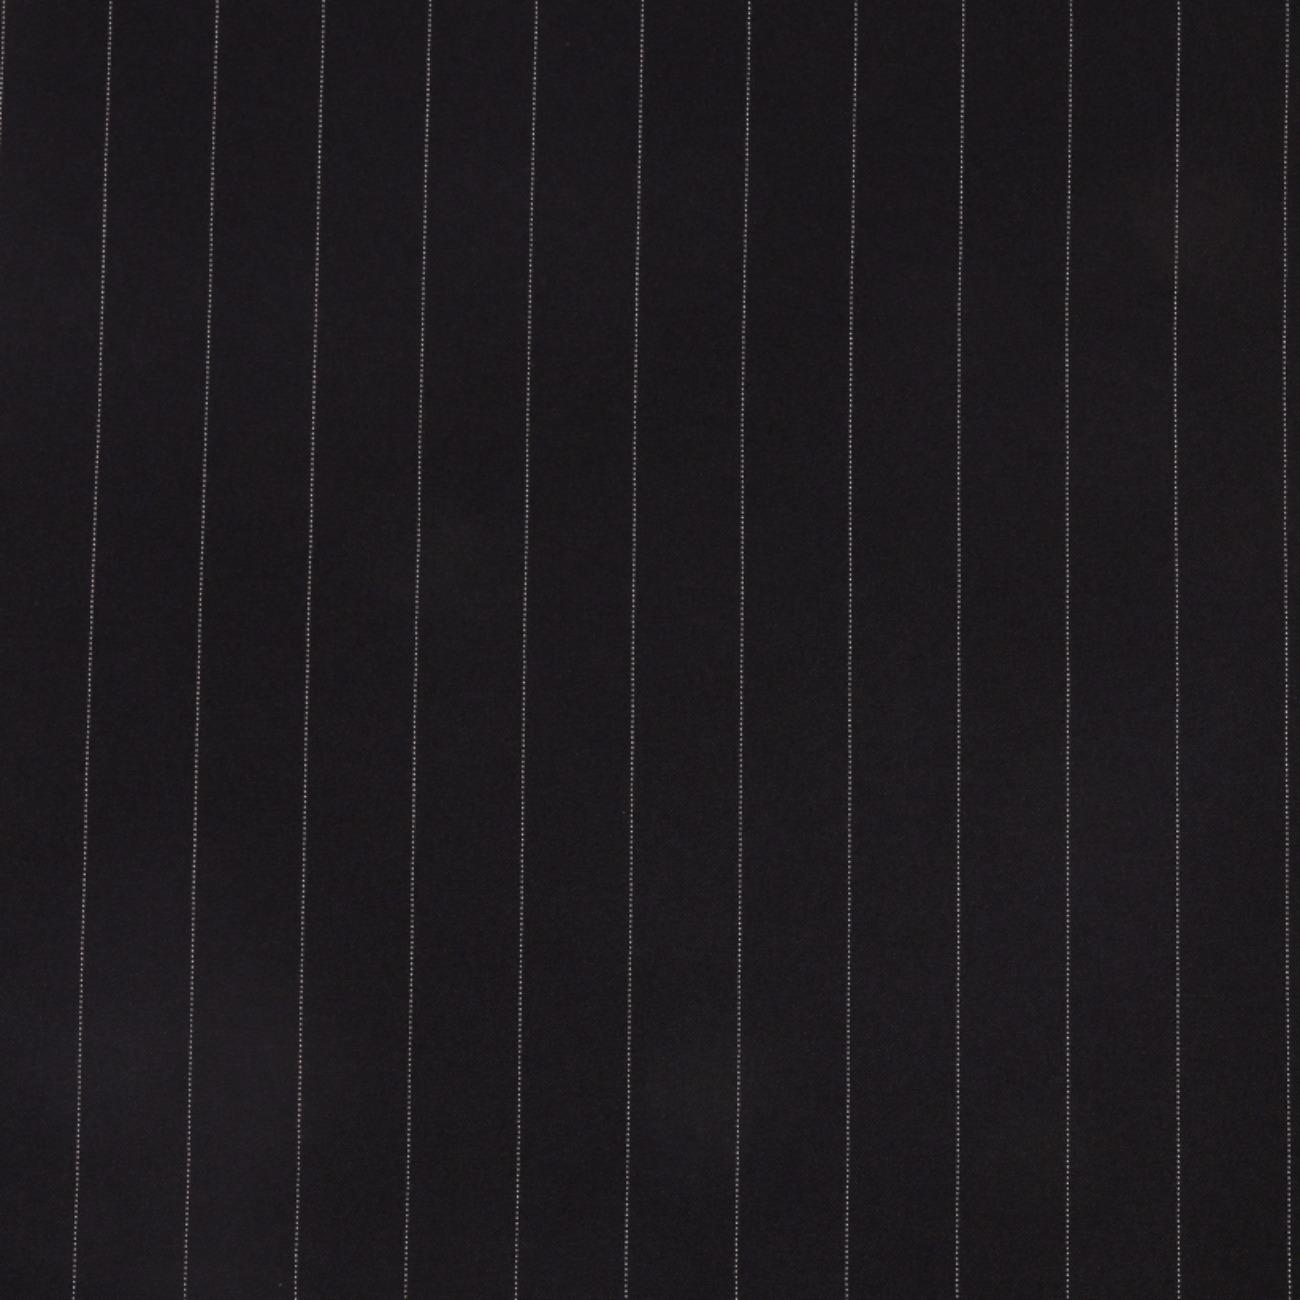 期货 竖条斜纹梭织外套西装大衣无弹 春夏连衣裙 裤子 61219-56